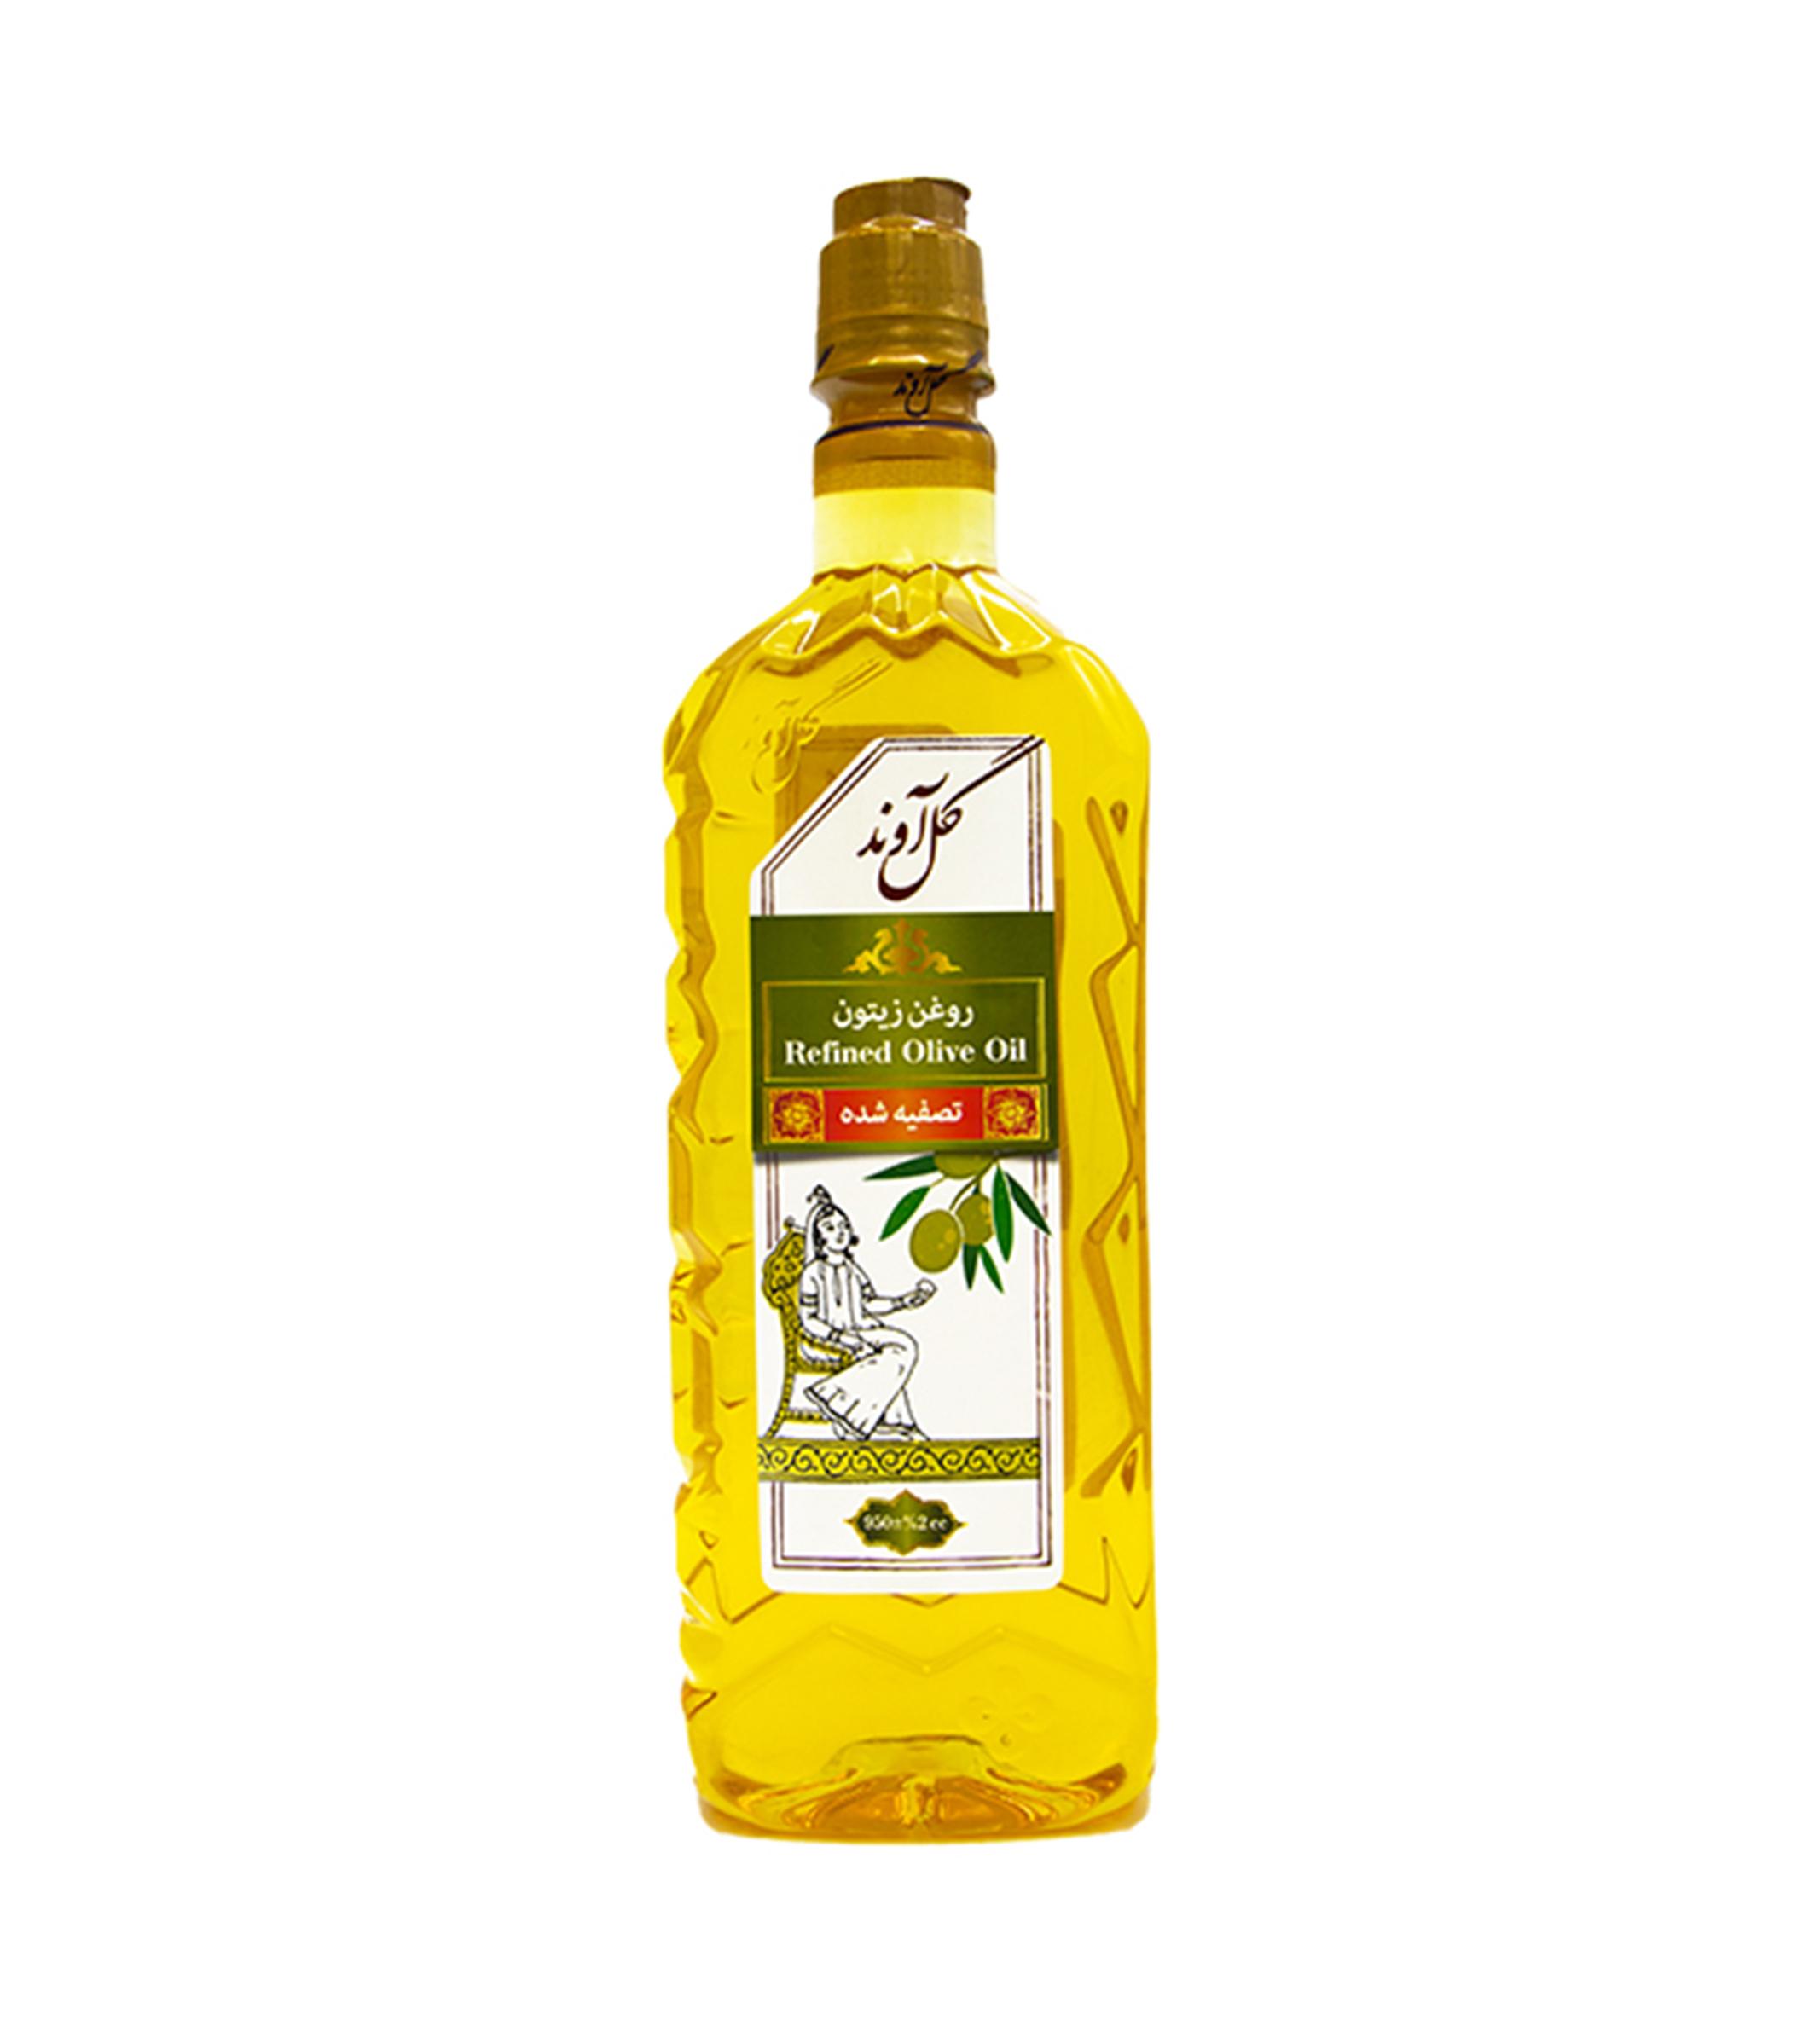 روغن زیتون تصفیه شده 950 سی سی گل آوند